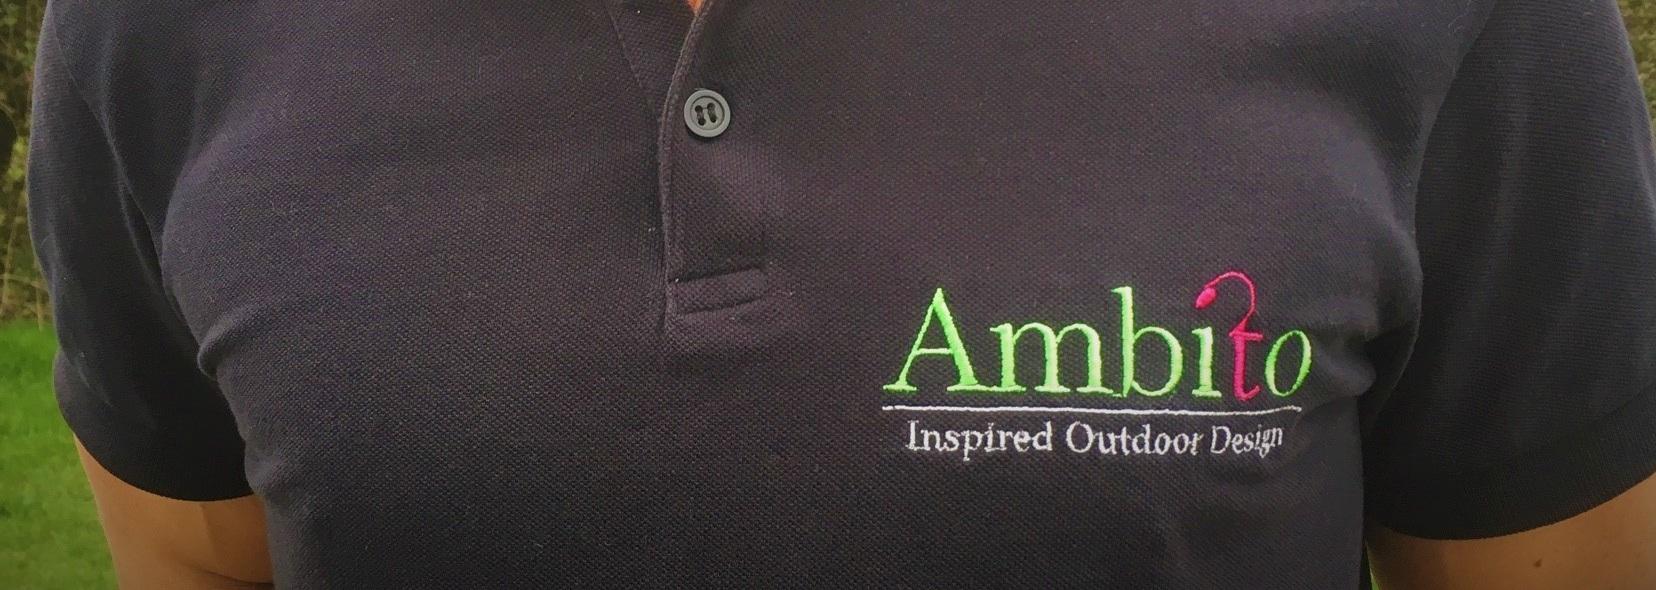 Ambito+shirt+pic+03.jpg